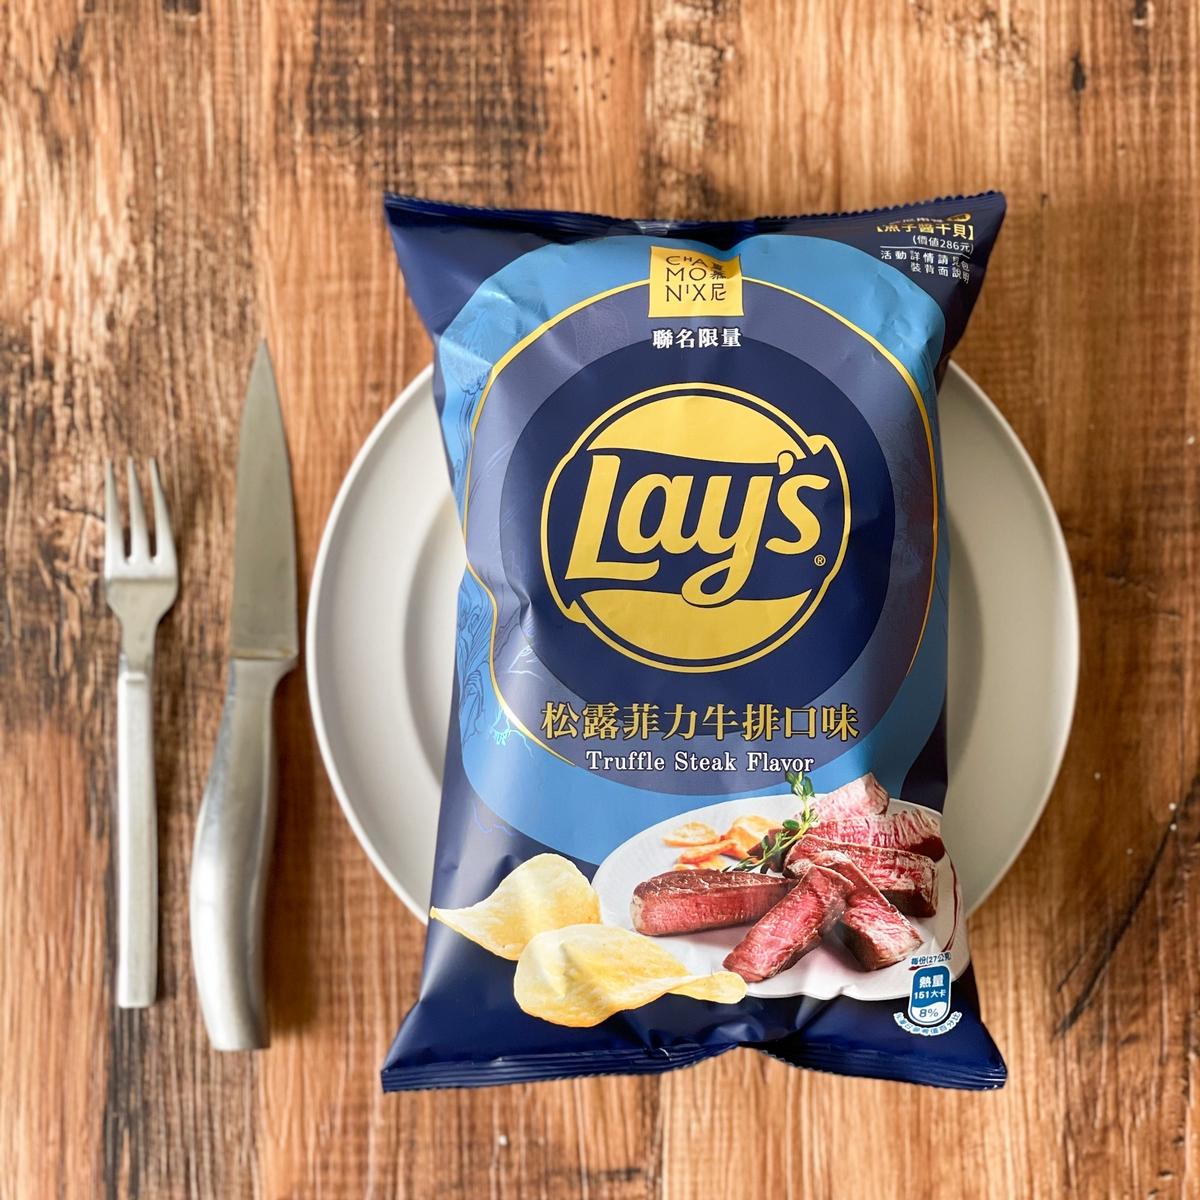 宅在家追劇吃!7-11與夏慕尼、牛角、貳樓等餐廳聯名15款零食 洋芋片、肉乾、卡士達派通通有!